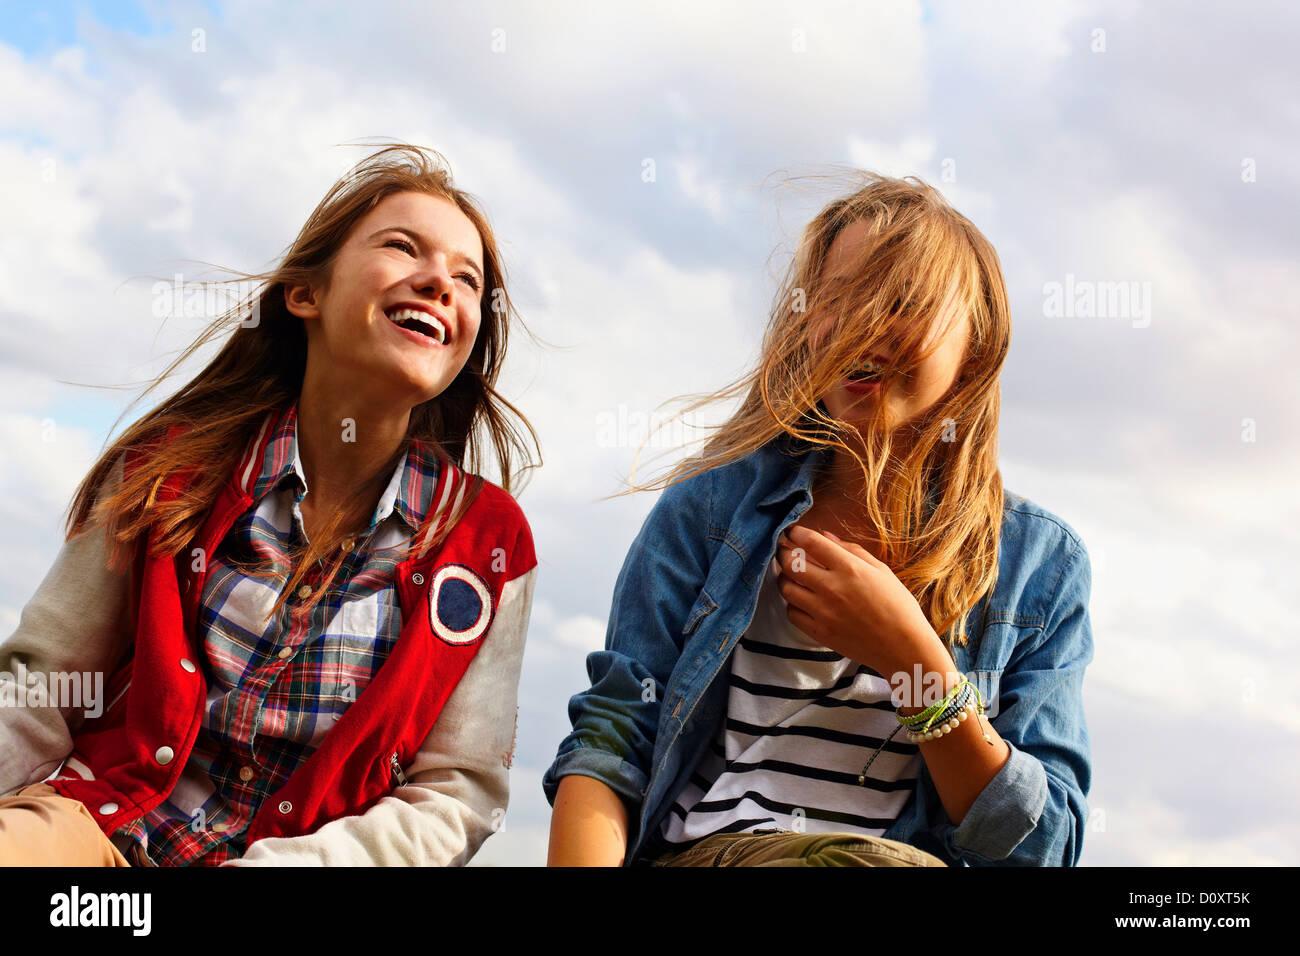 Felice ragazze adolescenti Immagini Stock